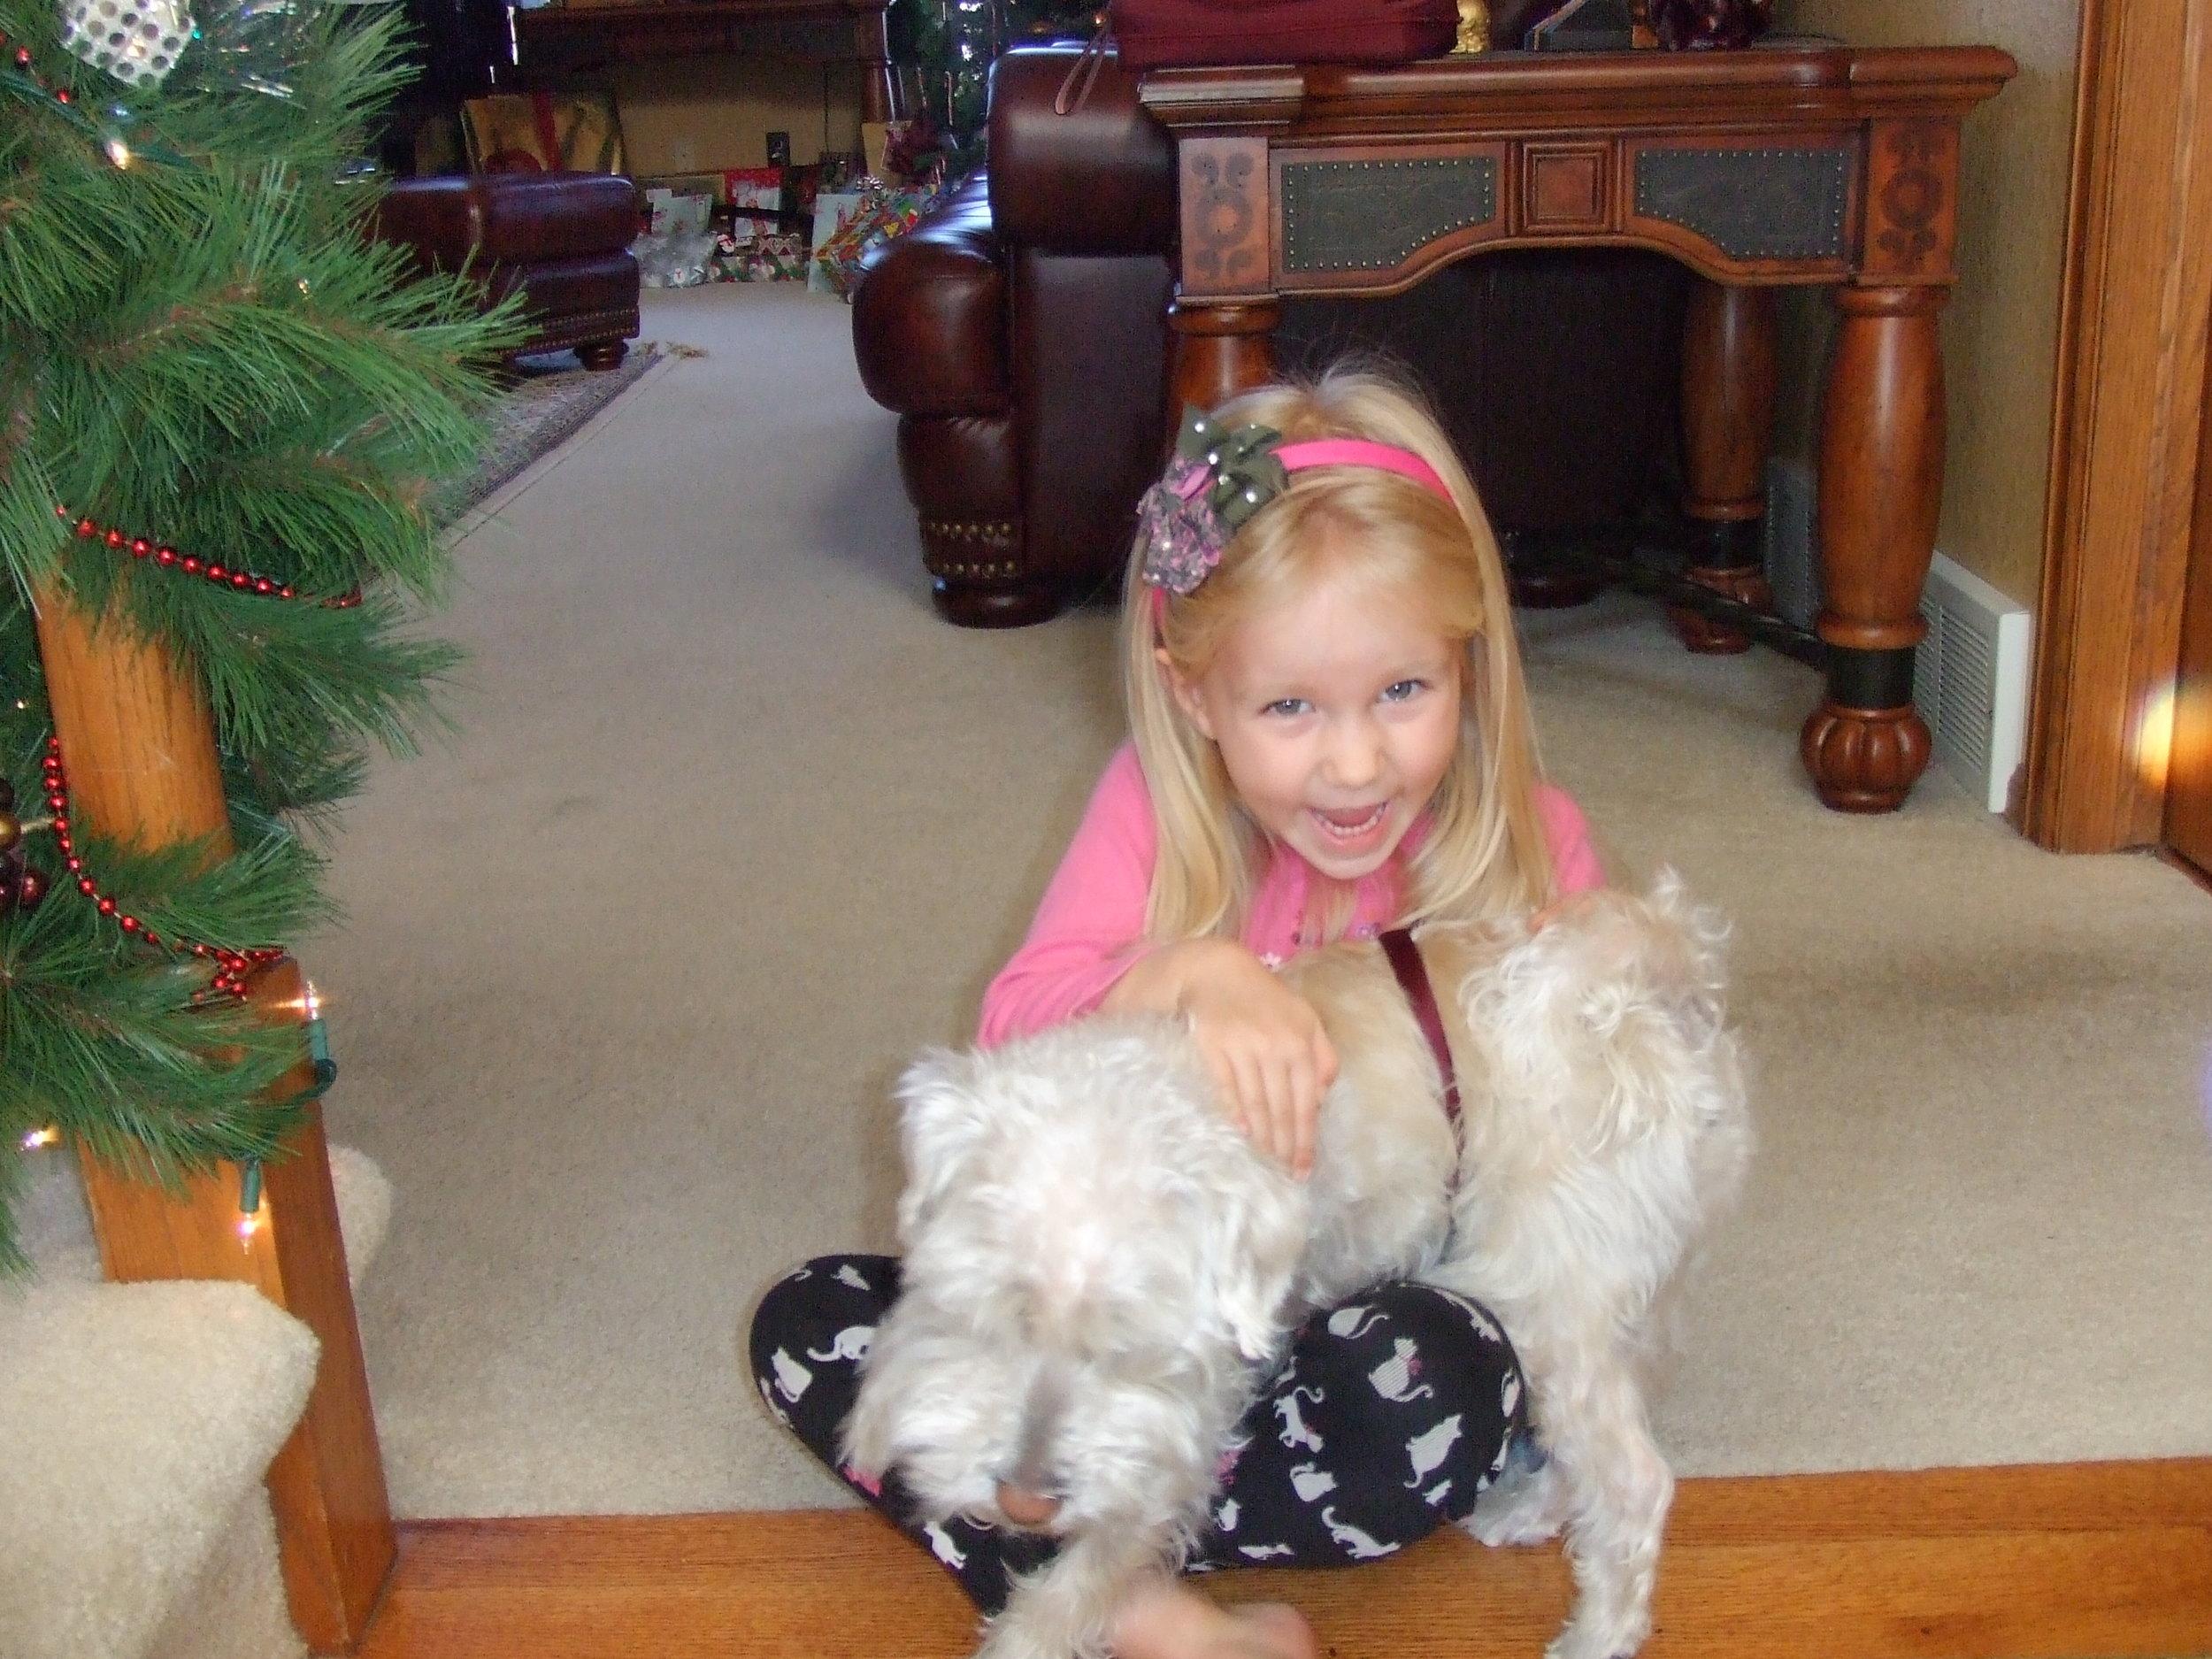 """2008 - Felicity delighting in her beloved pet dog, """"Mr. Bingley"""" ..."""